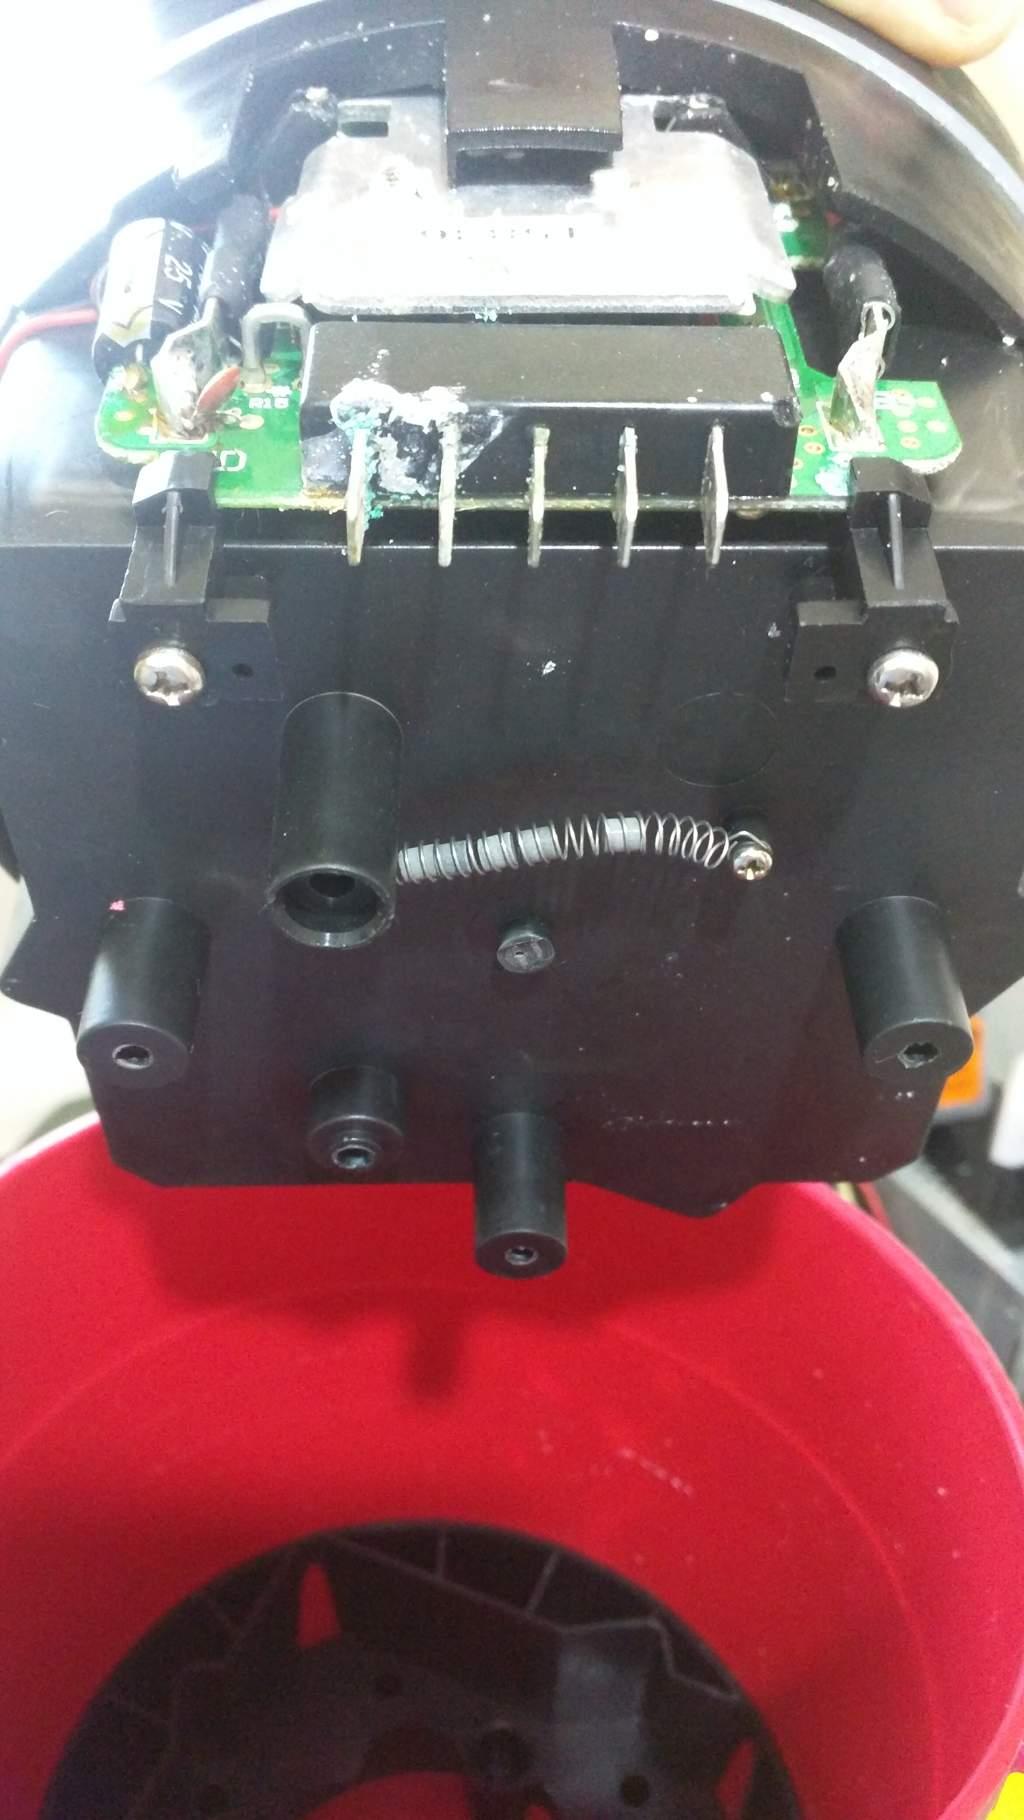 SeaDoo GTI repair | How to repair SeaDoo GTI Sea Scooter